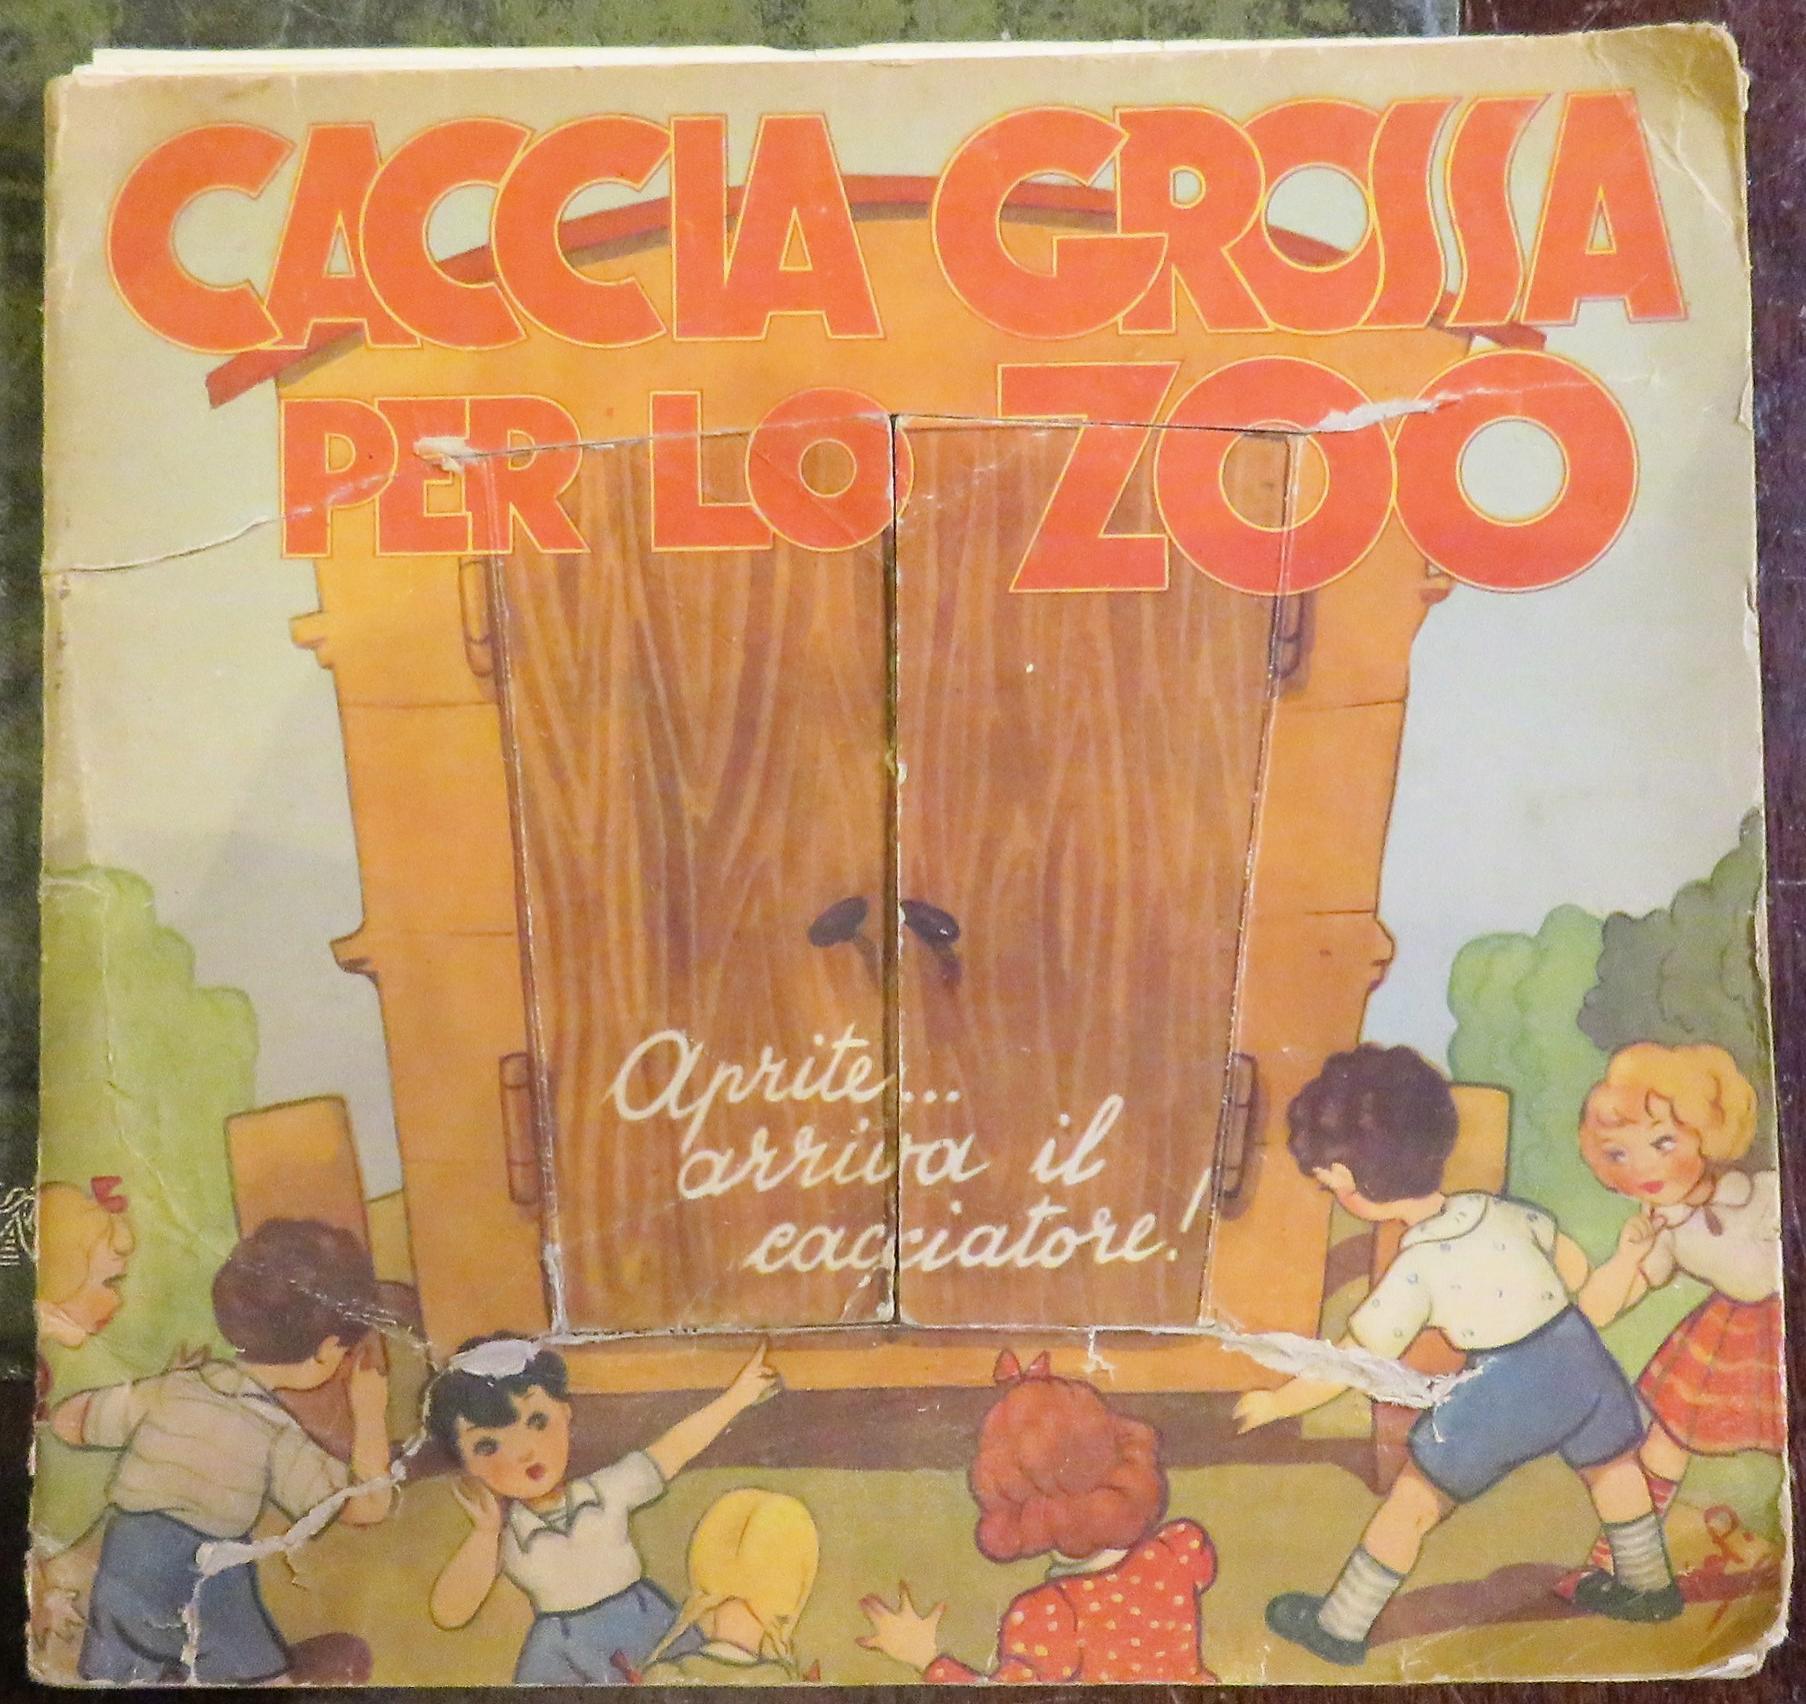 Cassia Grossa Per Lo Zoo